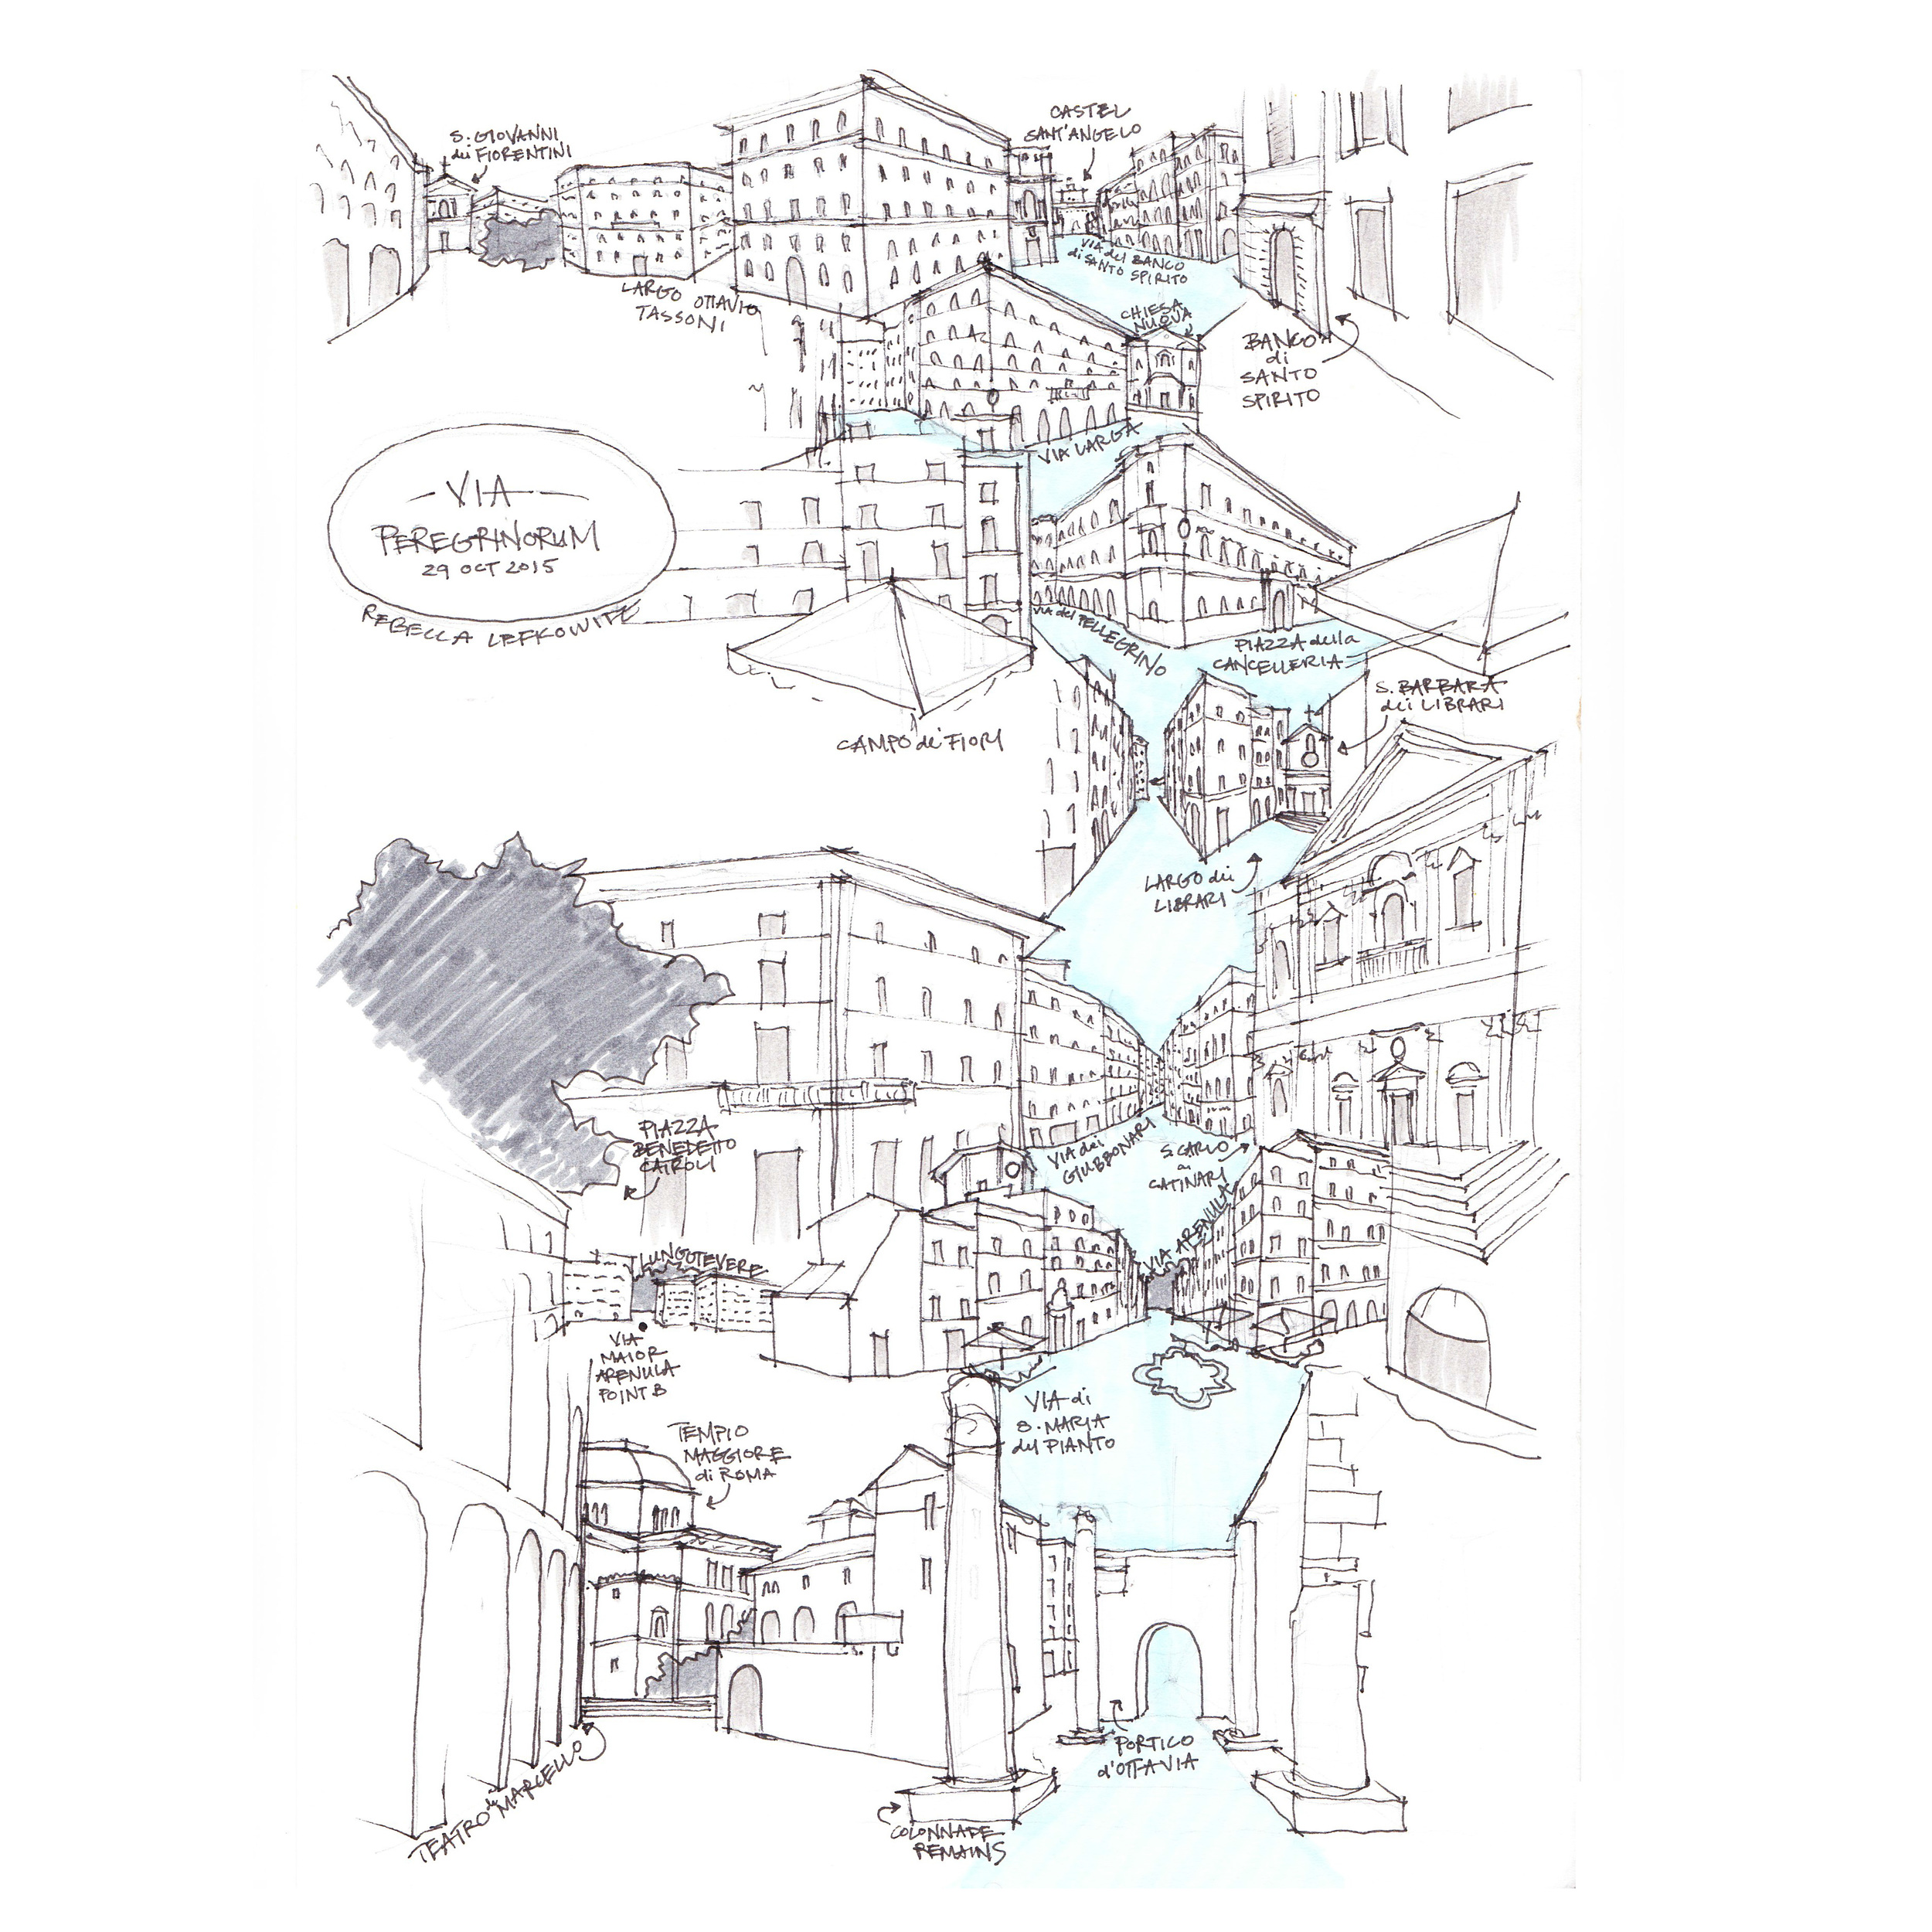 cartography_via peregrinorum.jpg